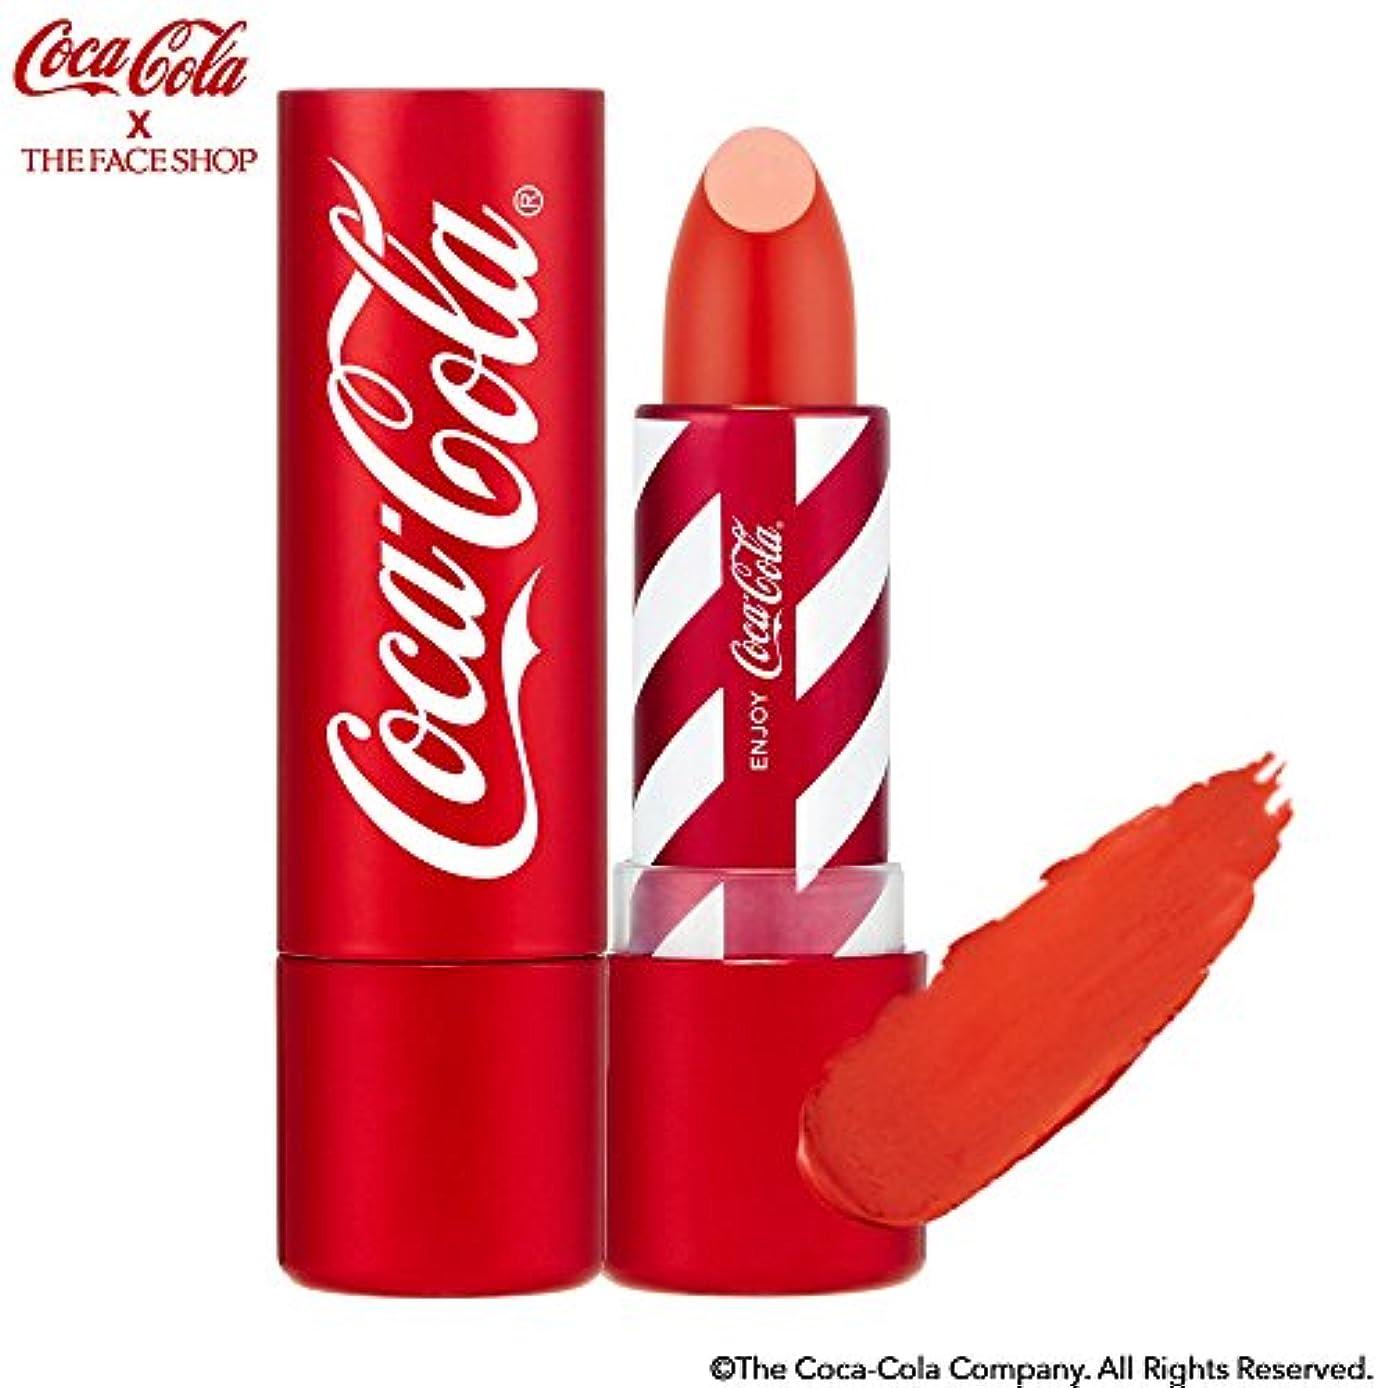 馬鹿げた気分が良いポーク[ザ?フェイスショップ] THE FACE SHOP [コカ?コーラ リップスティック 3.5g 限定版] (Coca Cola Lipstick 3.5g Limited Edition) [海外直送品] (03. アイス...